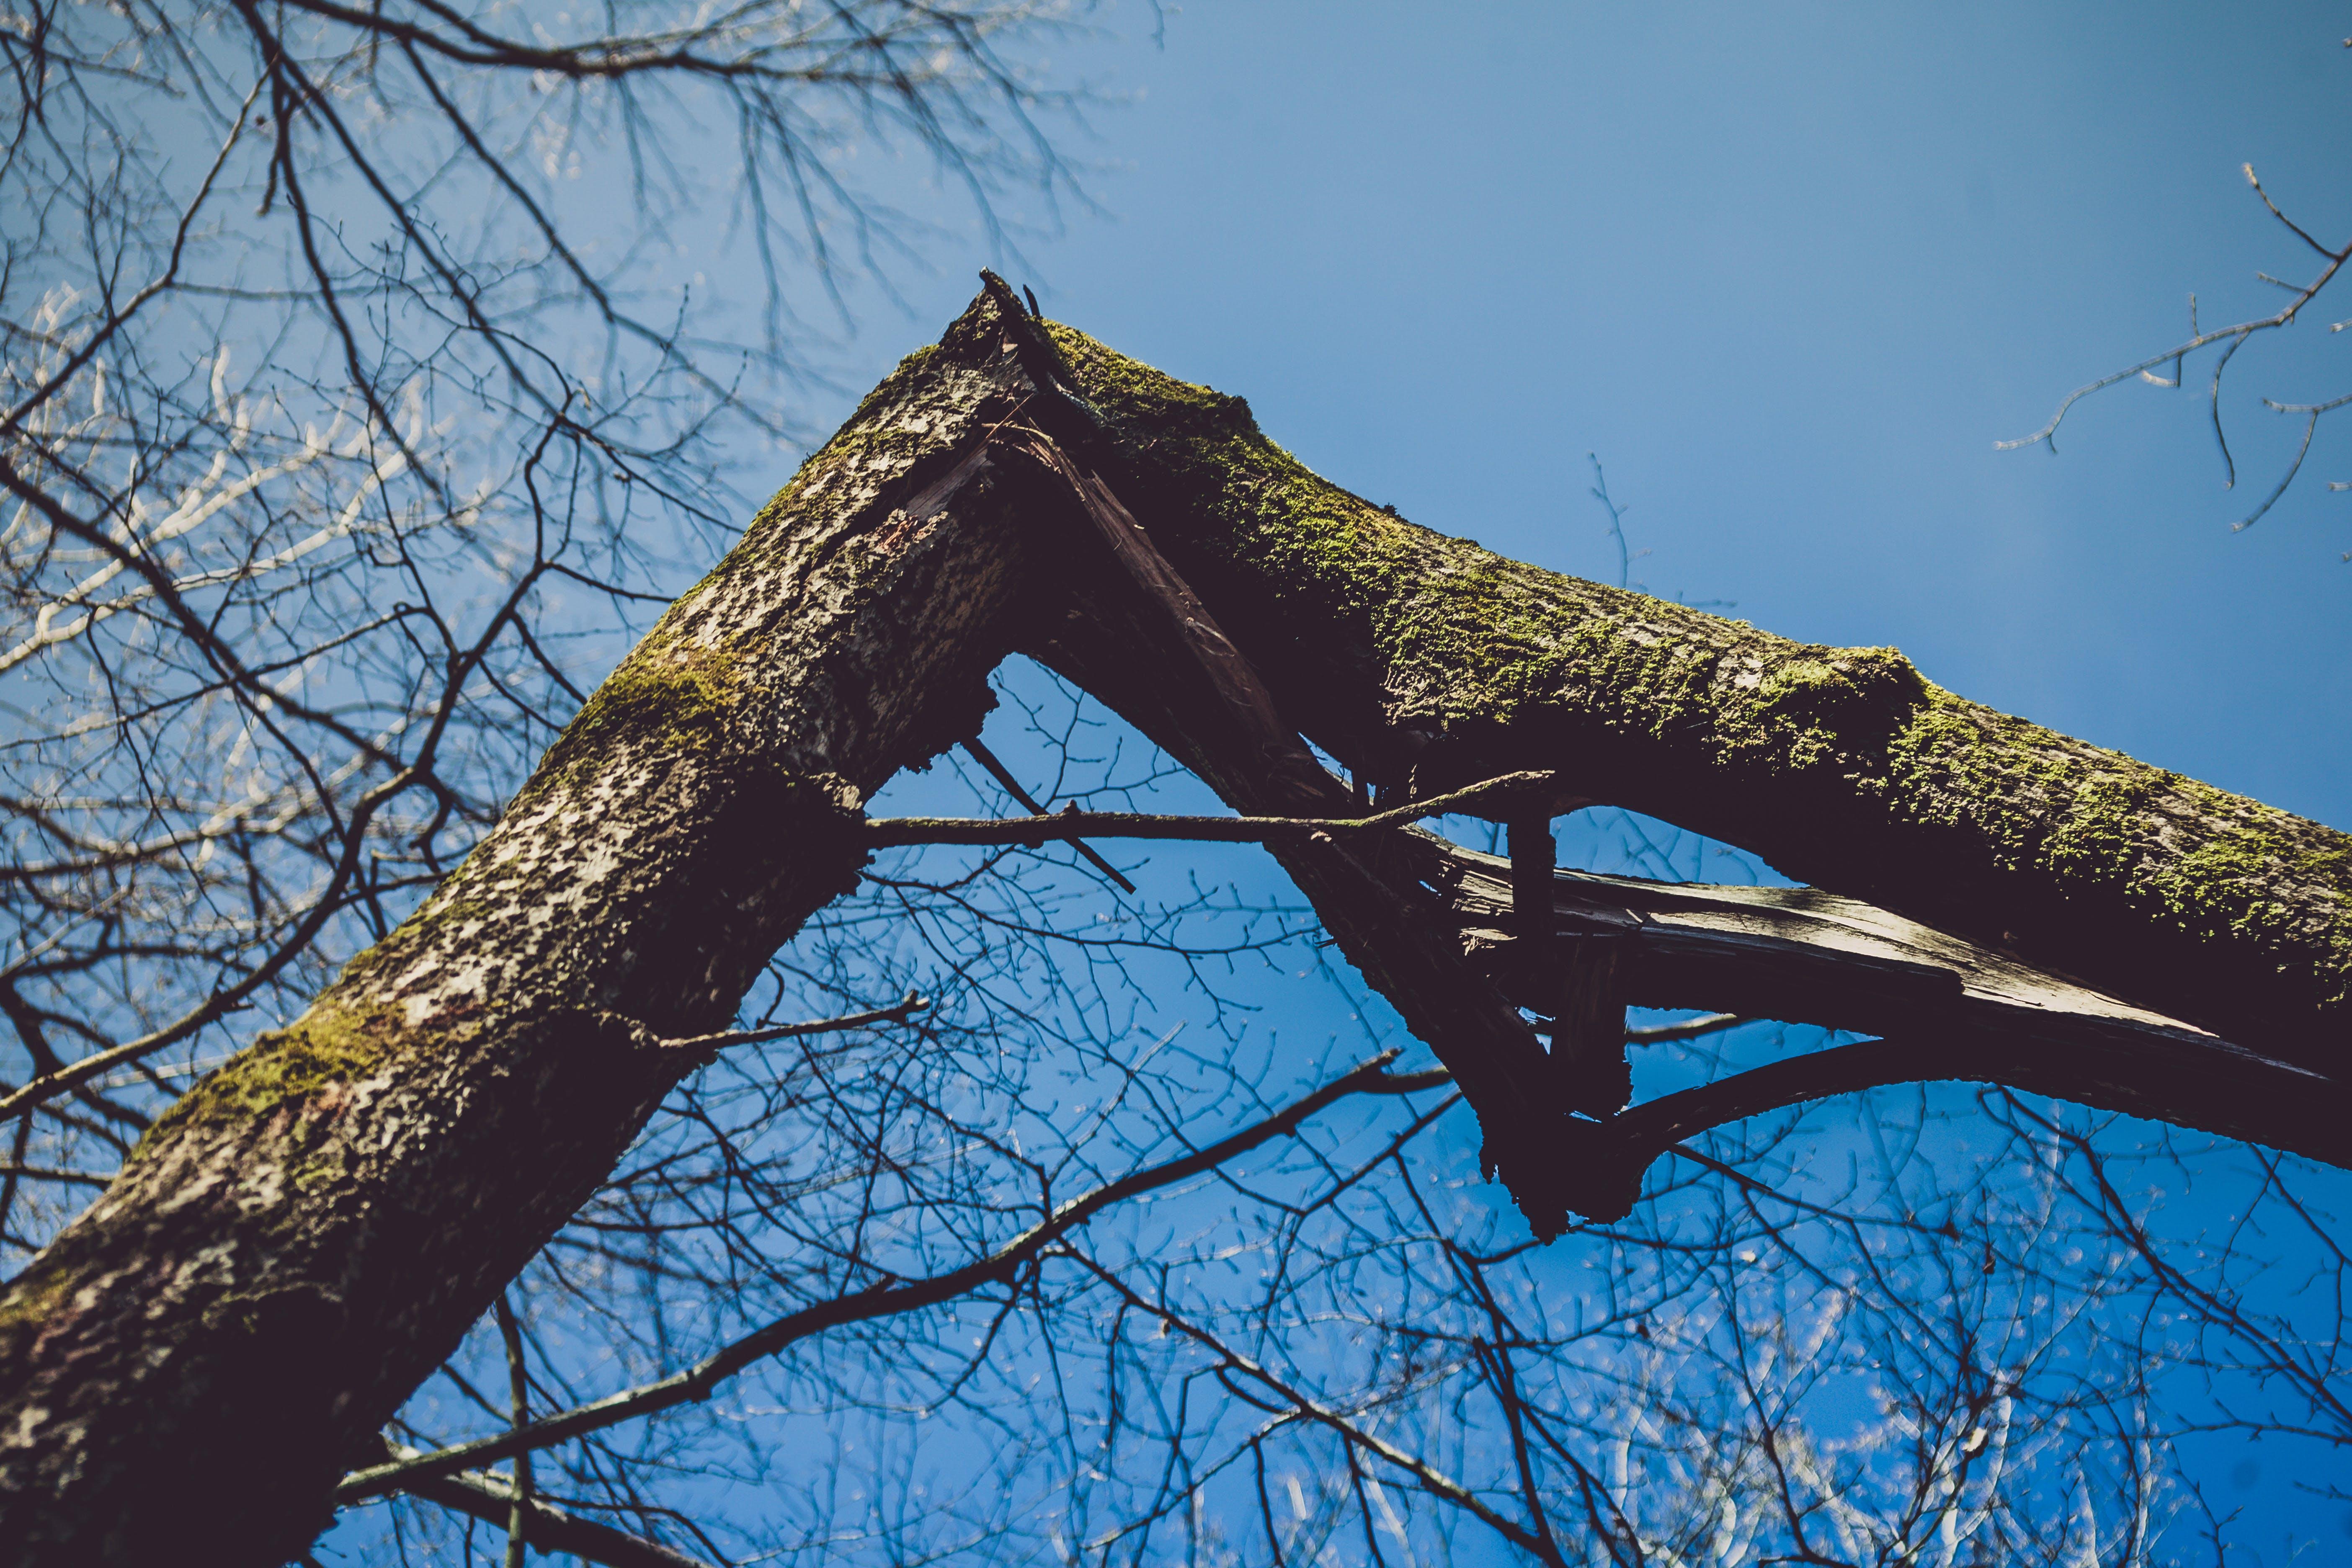 Photography of Broken Bough